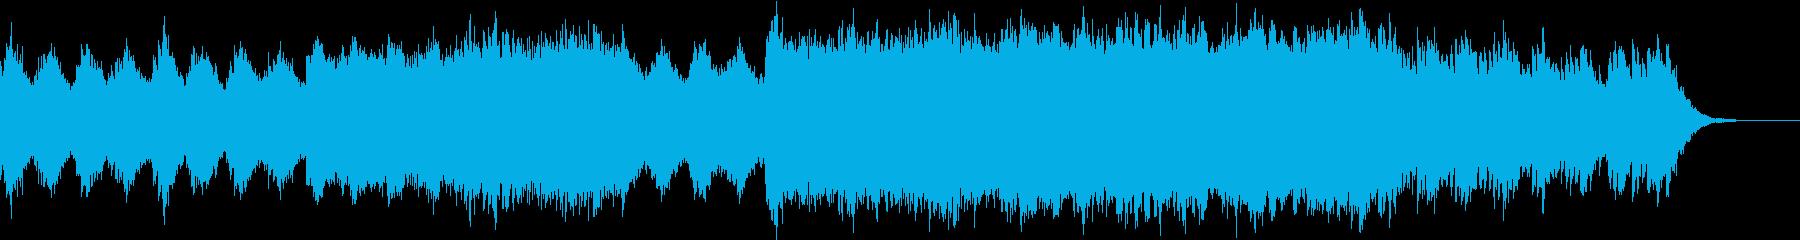 幻想的なバイオリンとピアノの再生済みの波形